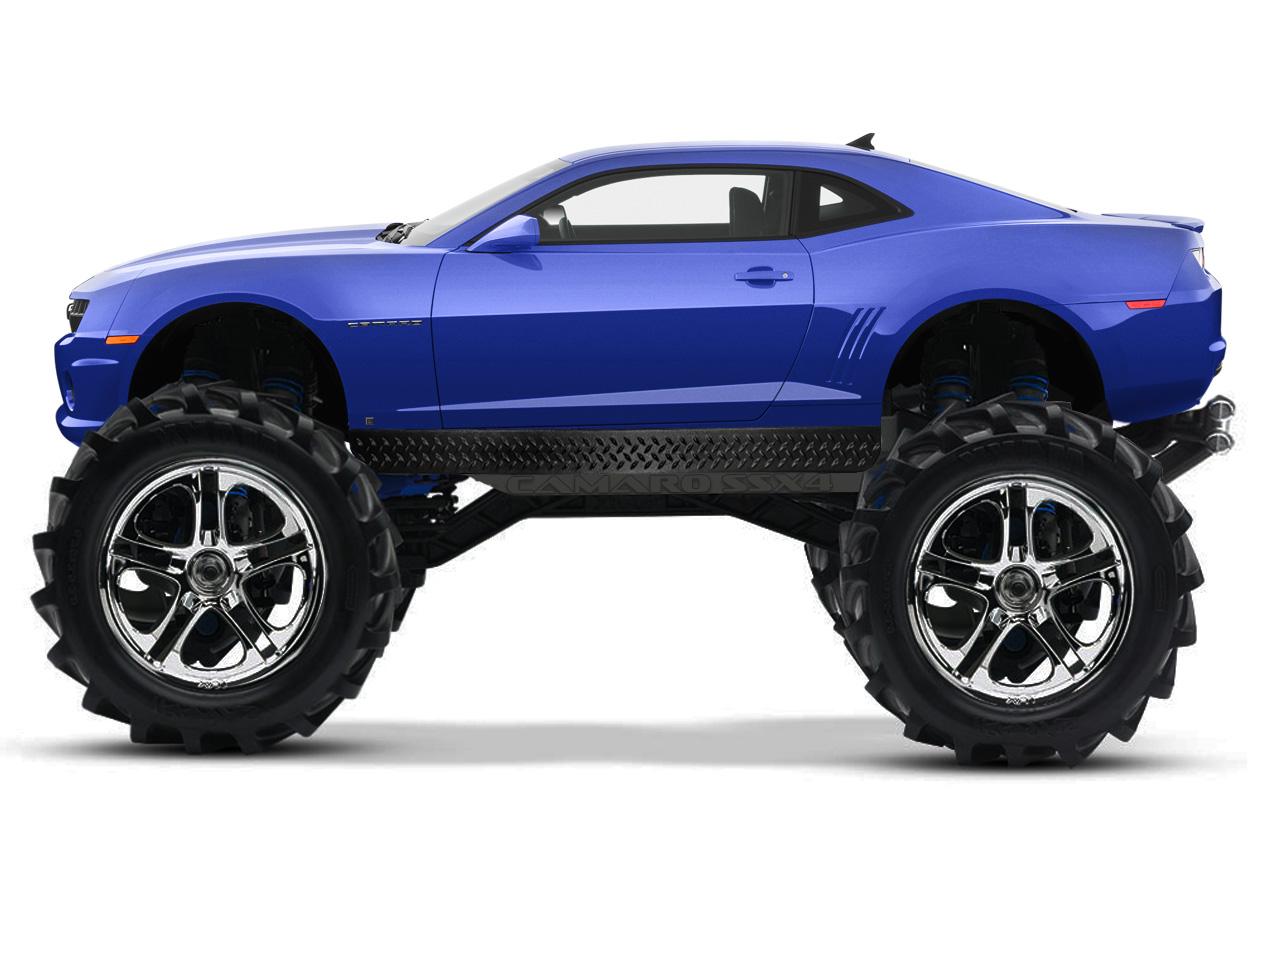 Camaro Monster Truck >> Monster Truck Gen5 Photoshop Page 3 Camaro5 Chevy Camaro Forum